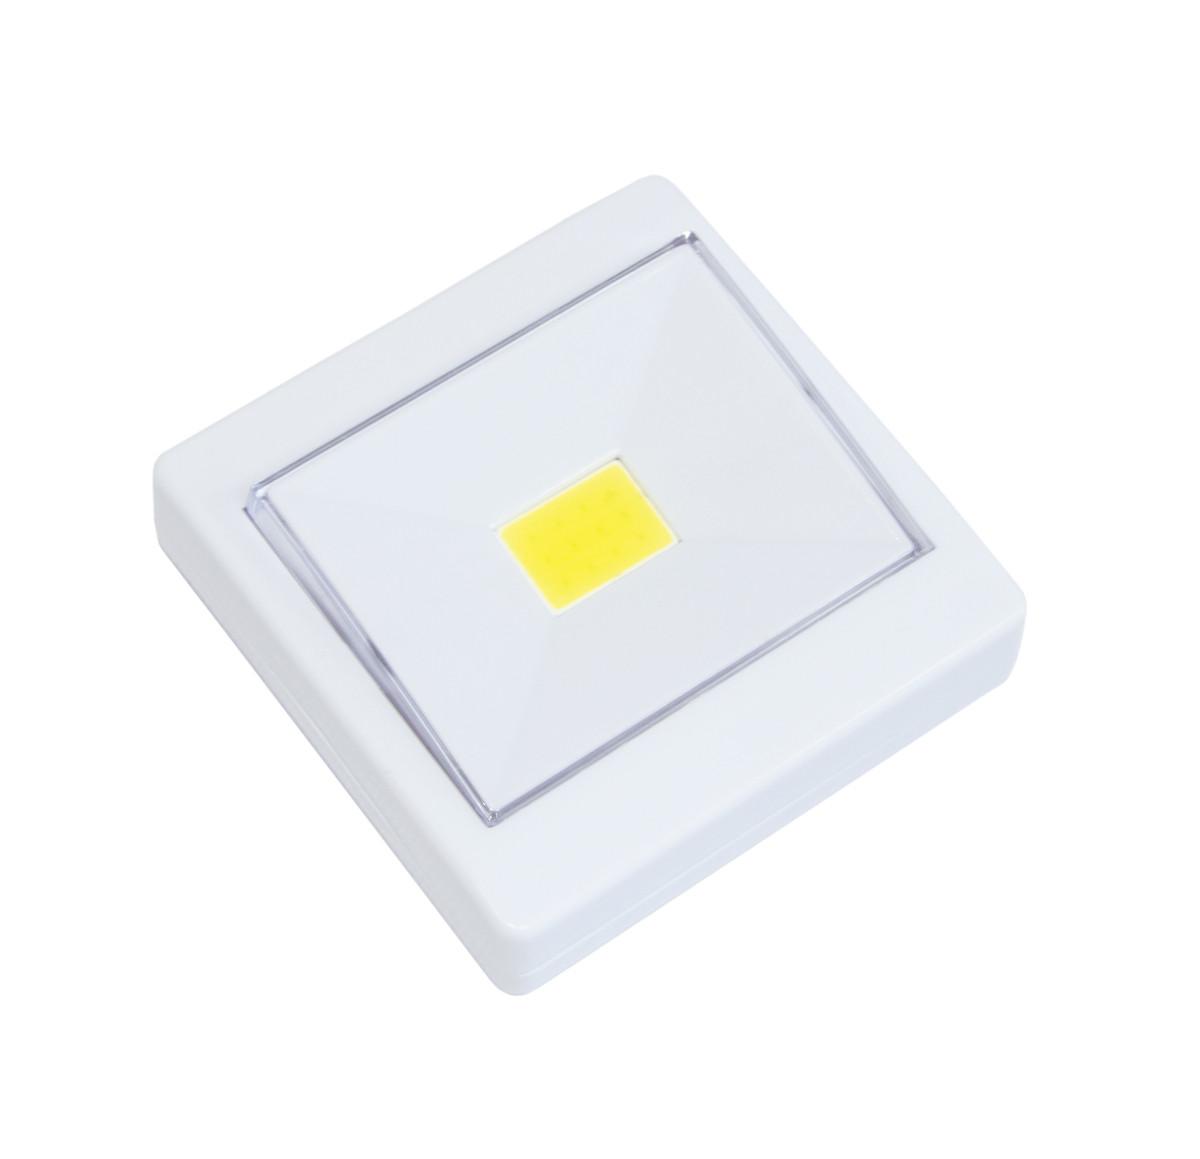 Светодиодный LED светильник-кнопка на магните и липучке Белый, светодиодная подсветка-лампа на батарейках (GK)